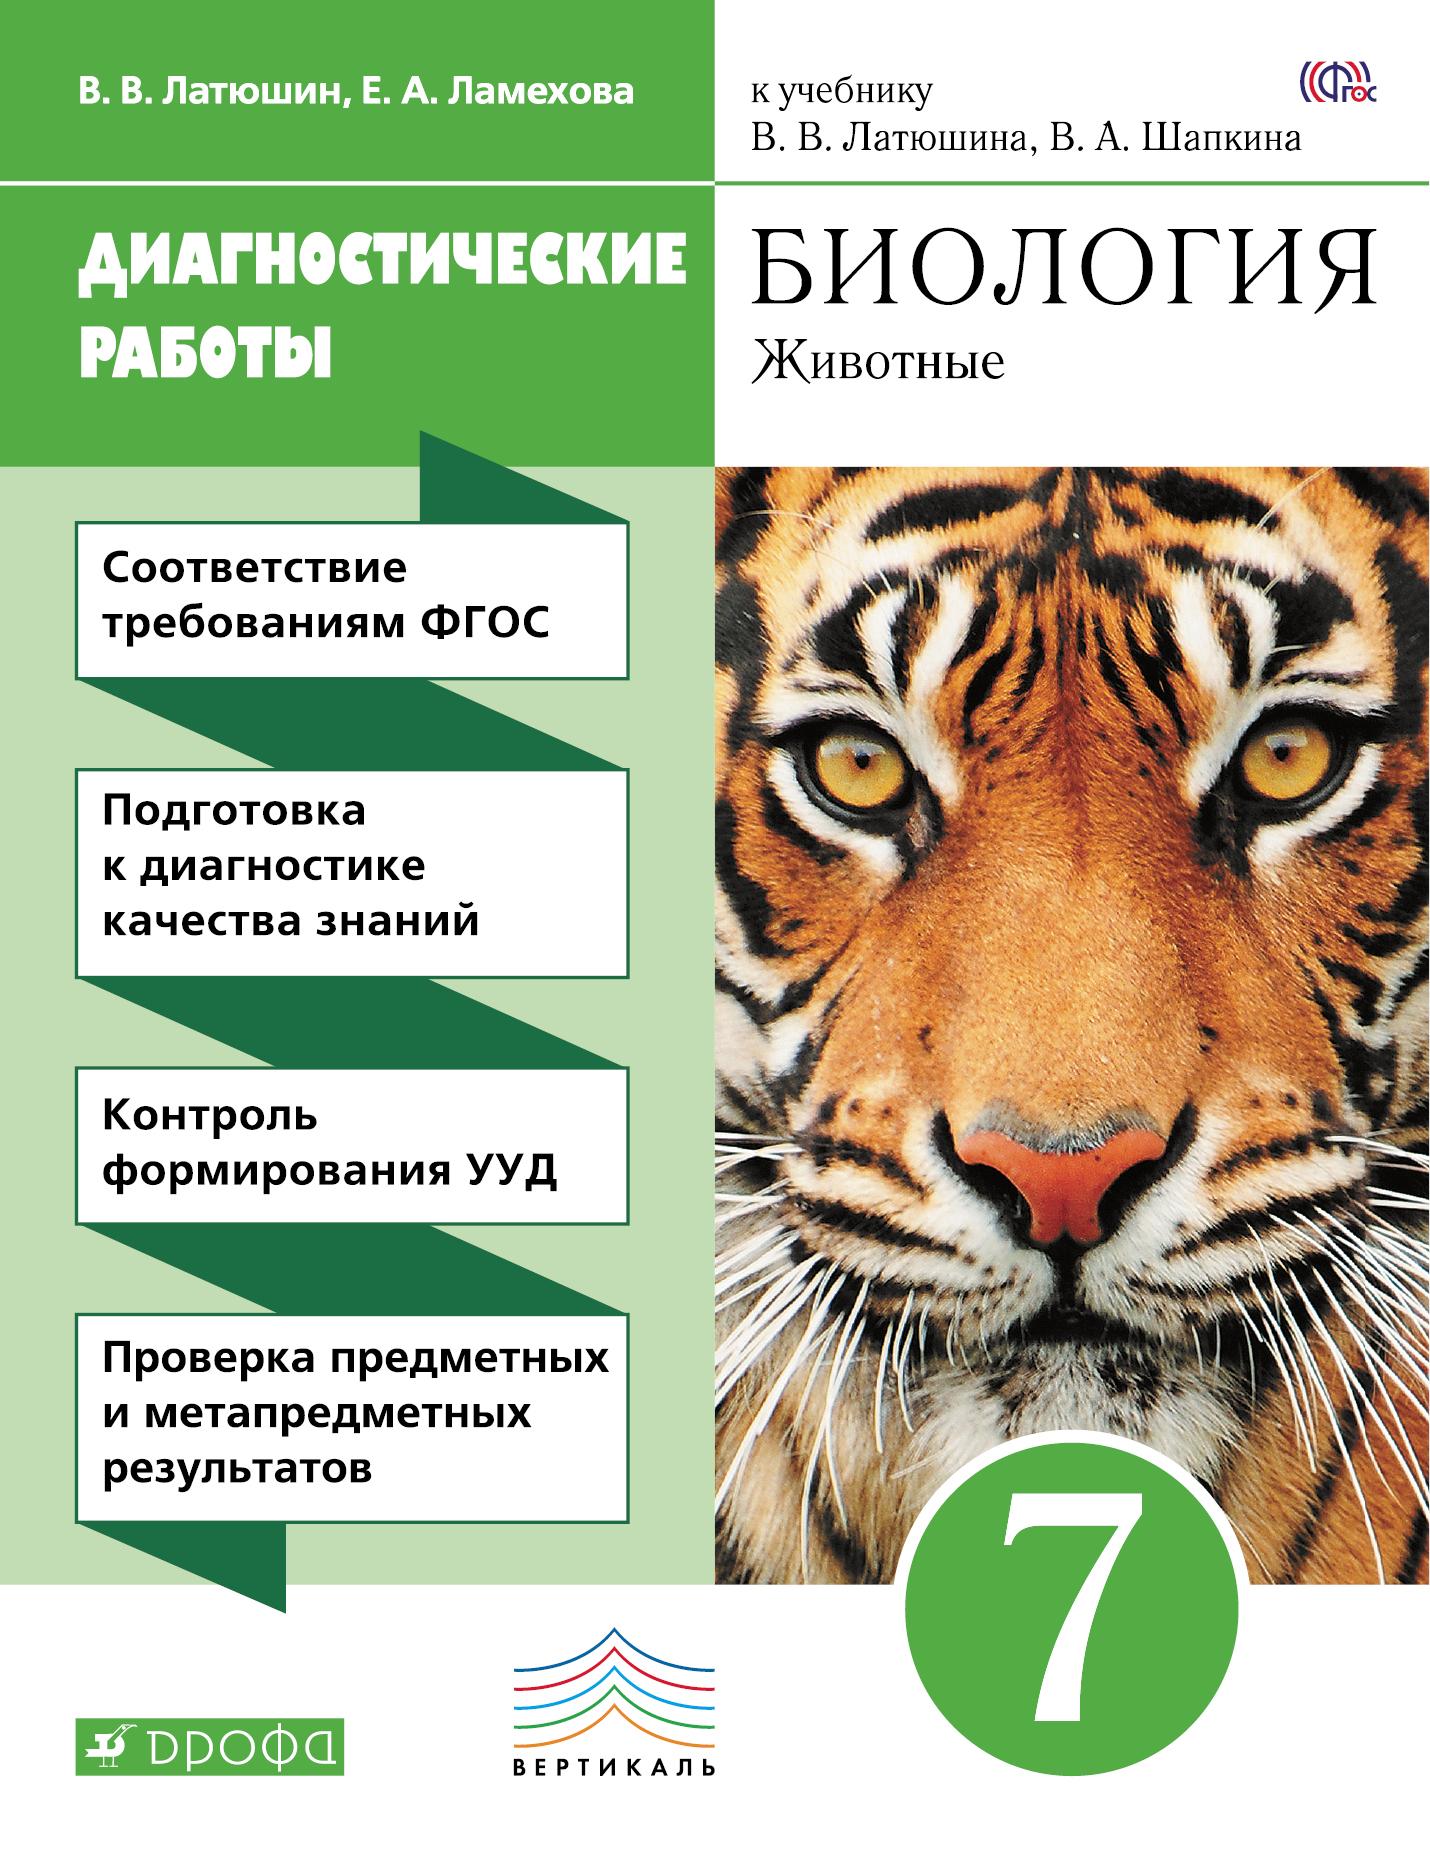 В. В. Латюшин, Е. А. Ламехова Биология. Животные. 7 класс. Диагностические работы